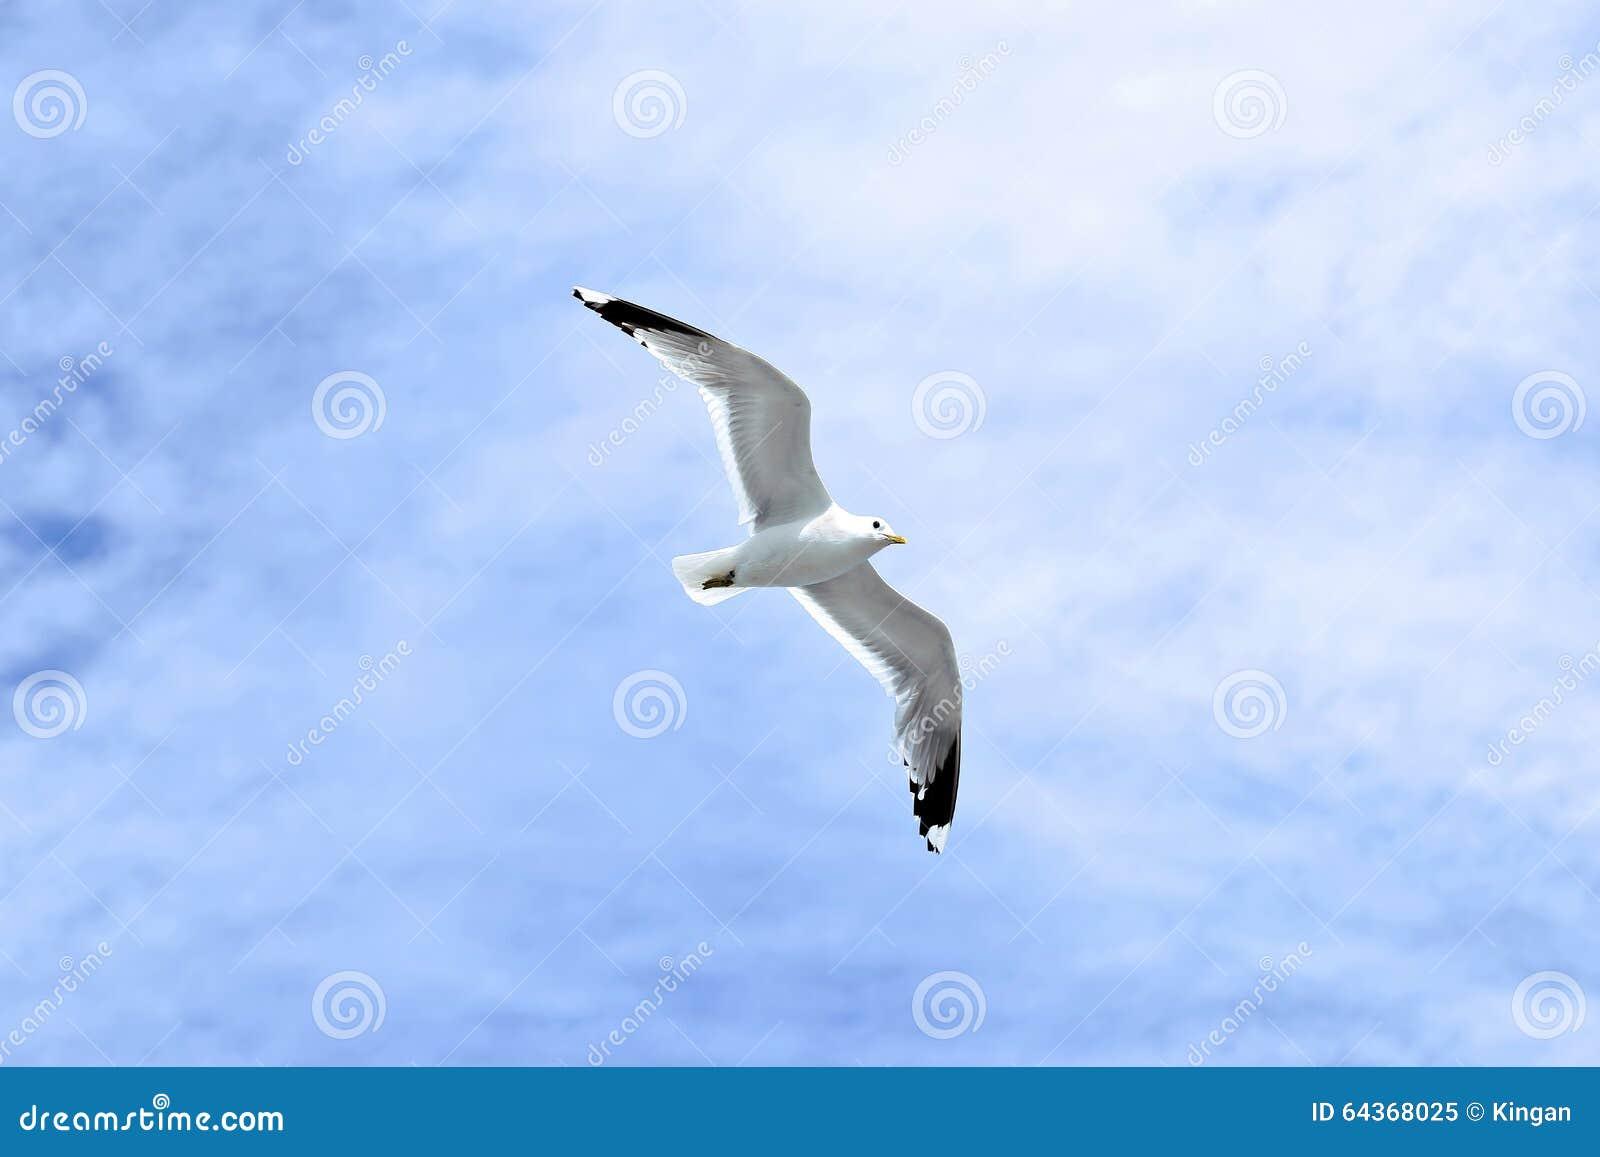 Mediterranean White Seagull Stock Photo - Image: 64368025